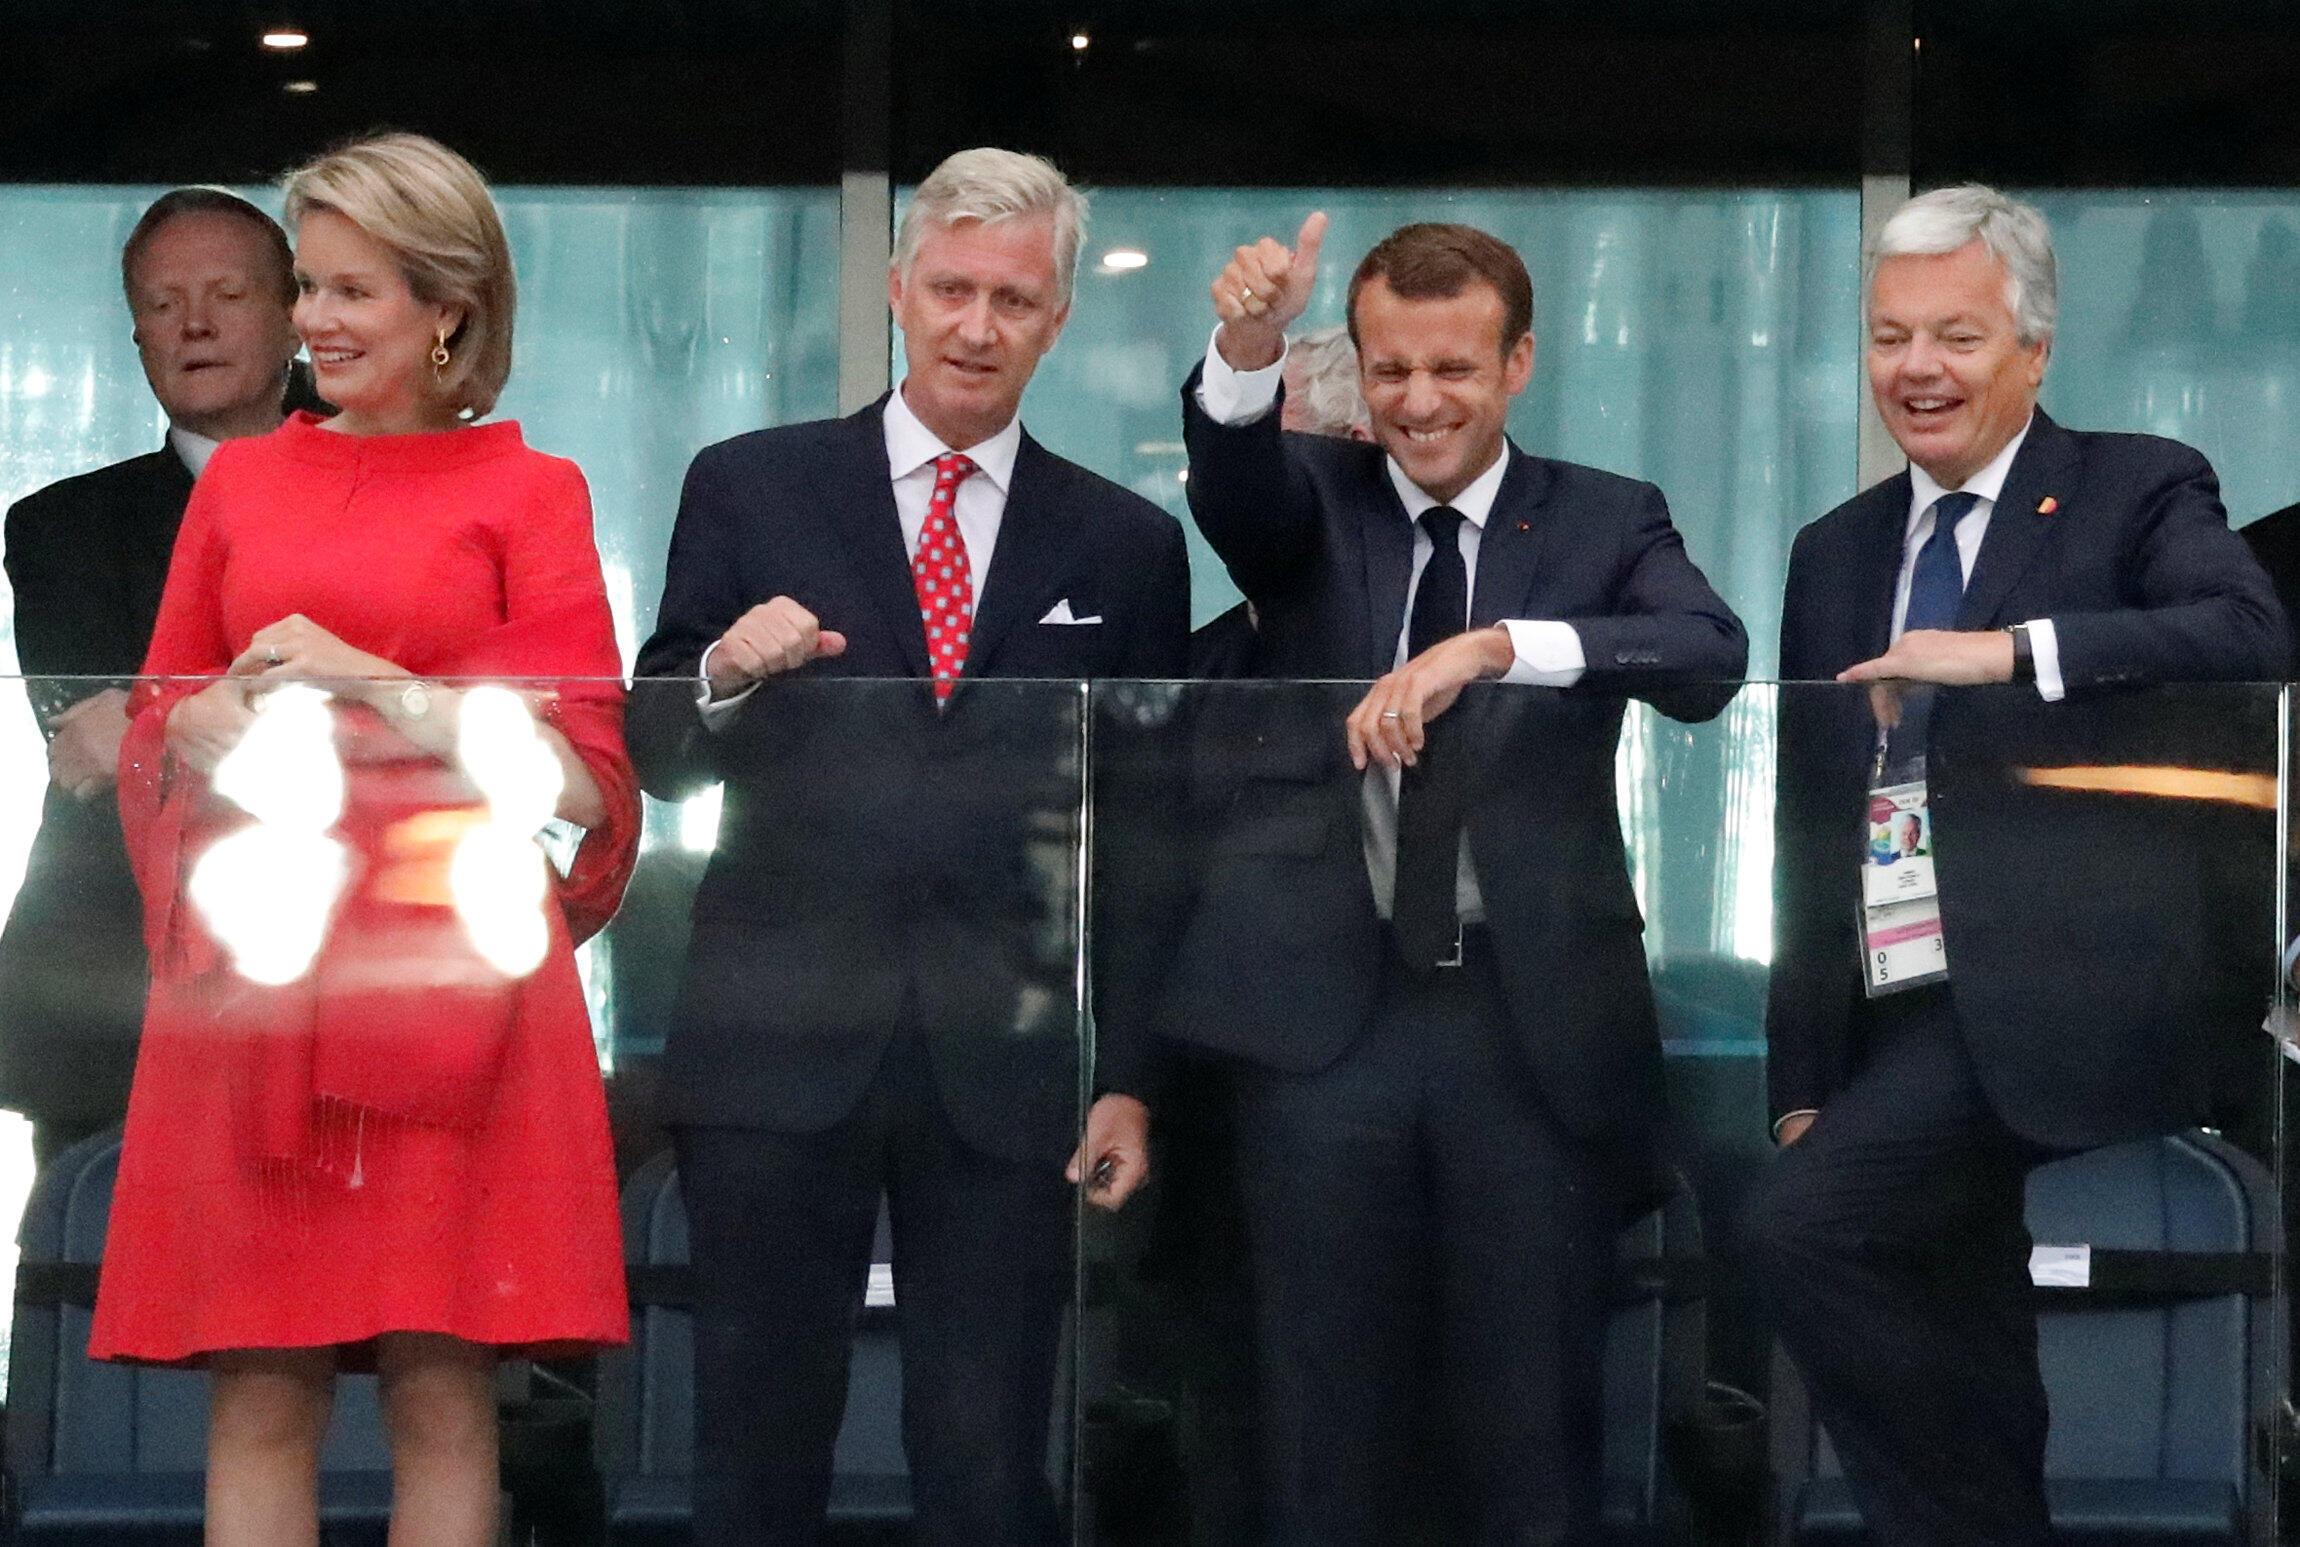 Слева направо: королева Бельгии Матильда, король Филипп, президент Макрон и глава МИД Бельгии Дидье Рейндерс на полуфинальном матче Франция-Бельгия 10 июля 2018